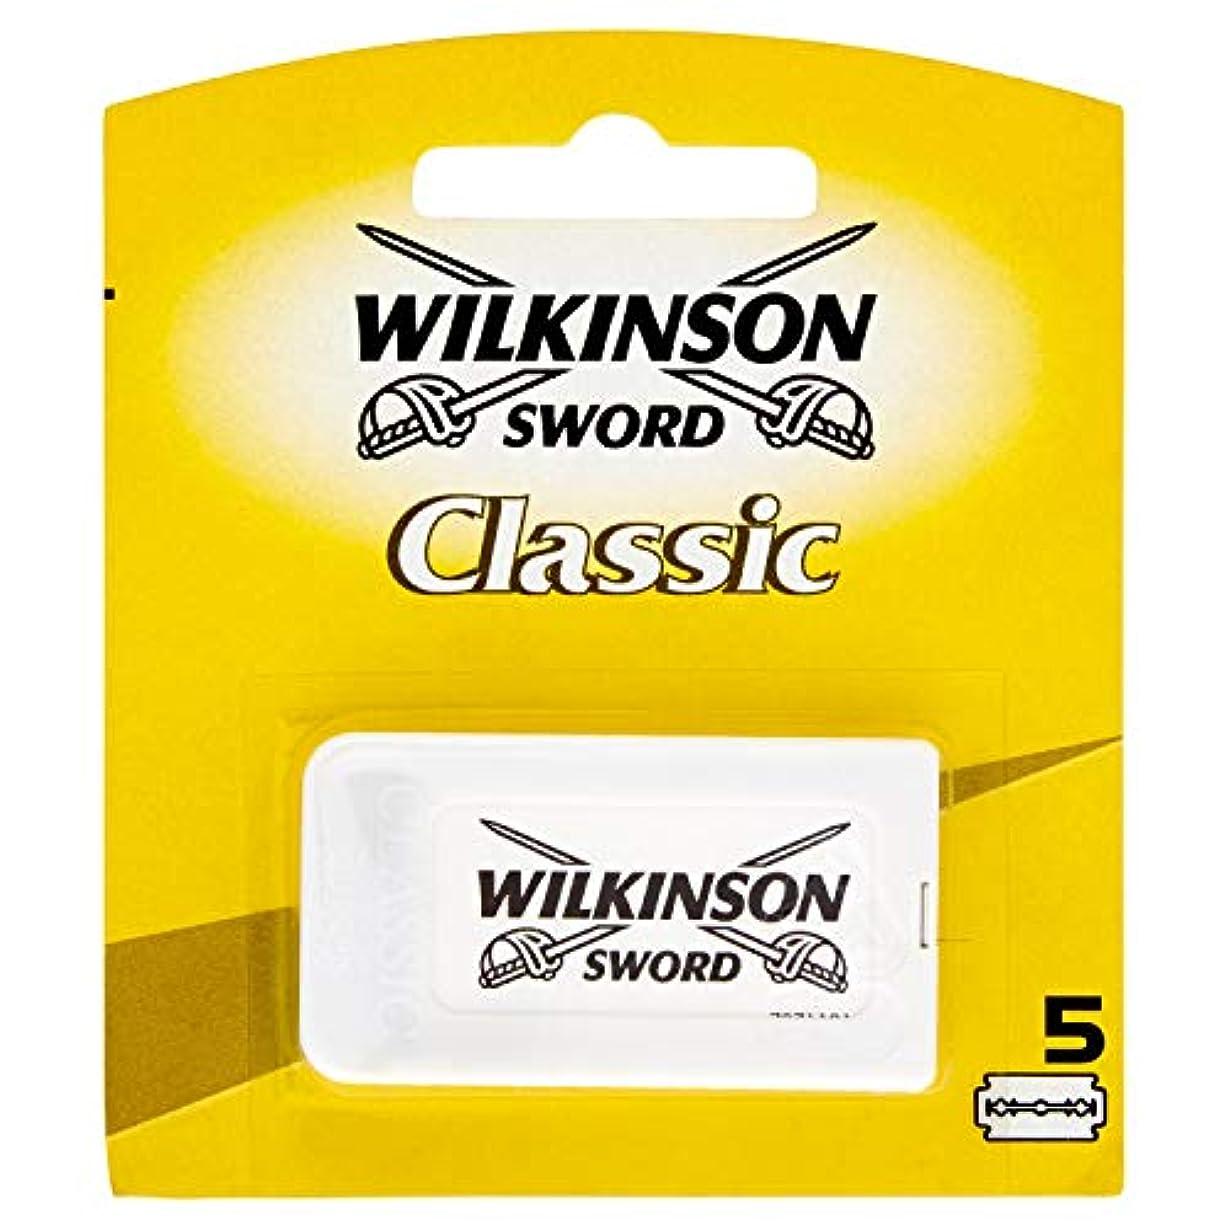 消防士防止入札Wilkinson Sword(ウィルキンソンソード) Classic 両刃替刃 5個入り [並行輸入品]